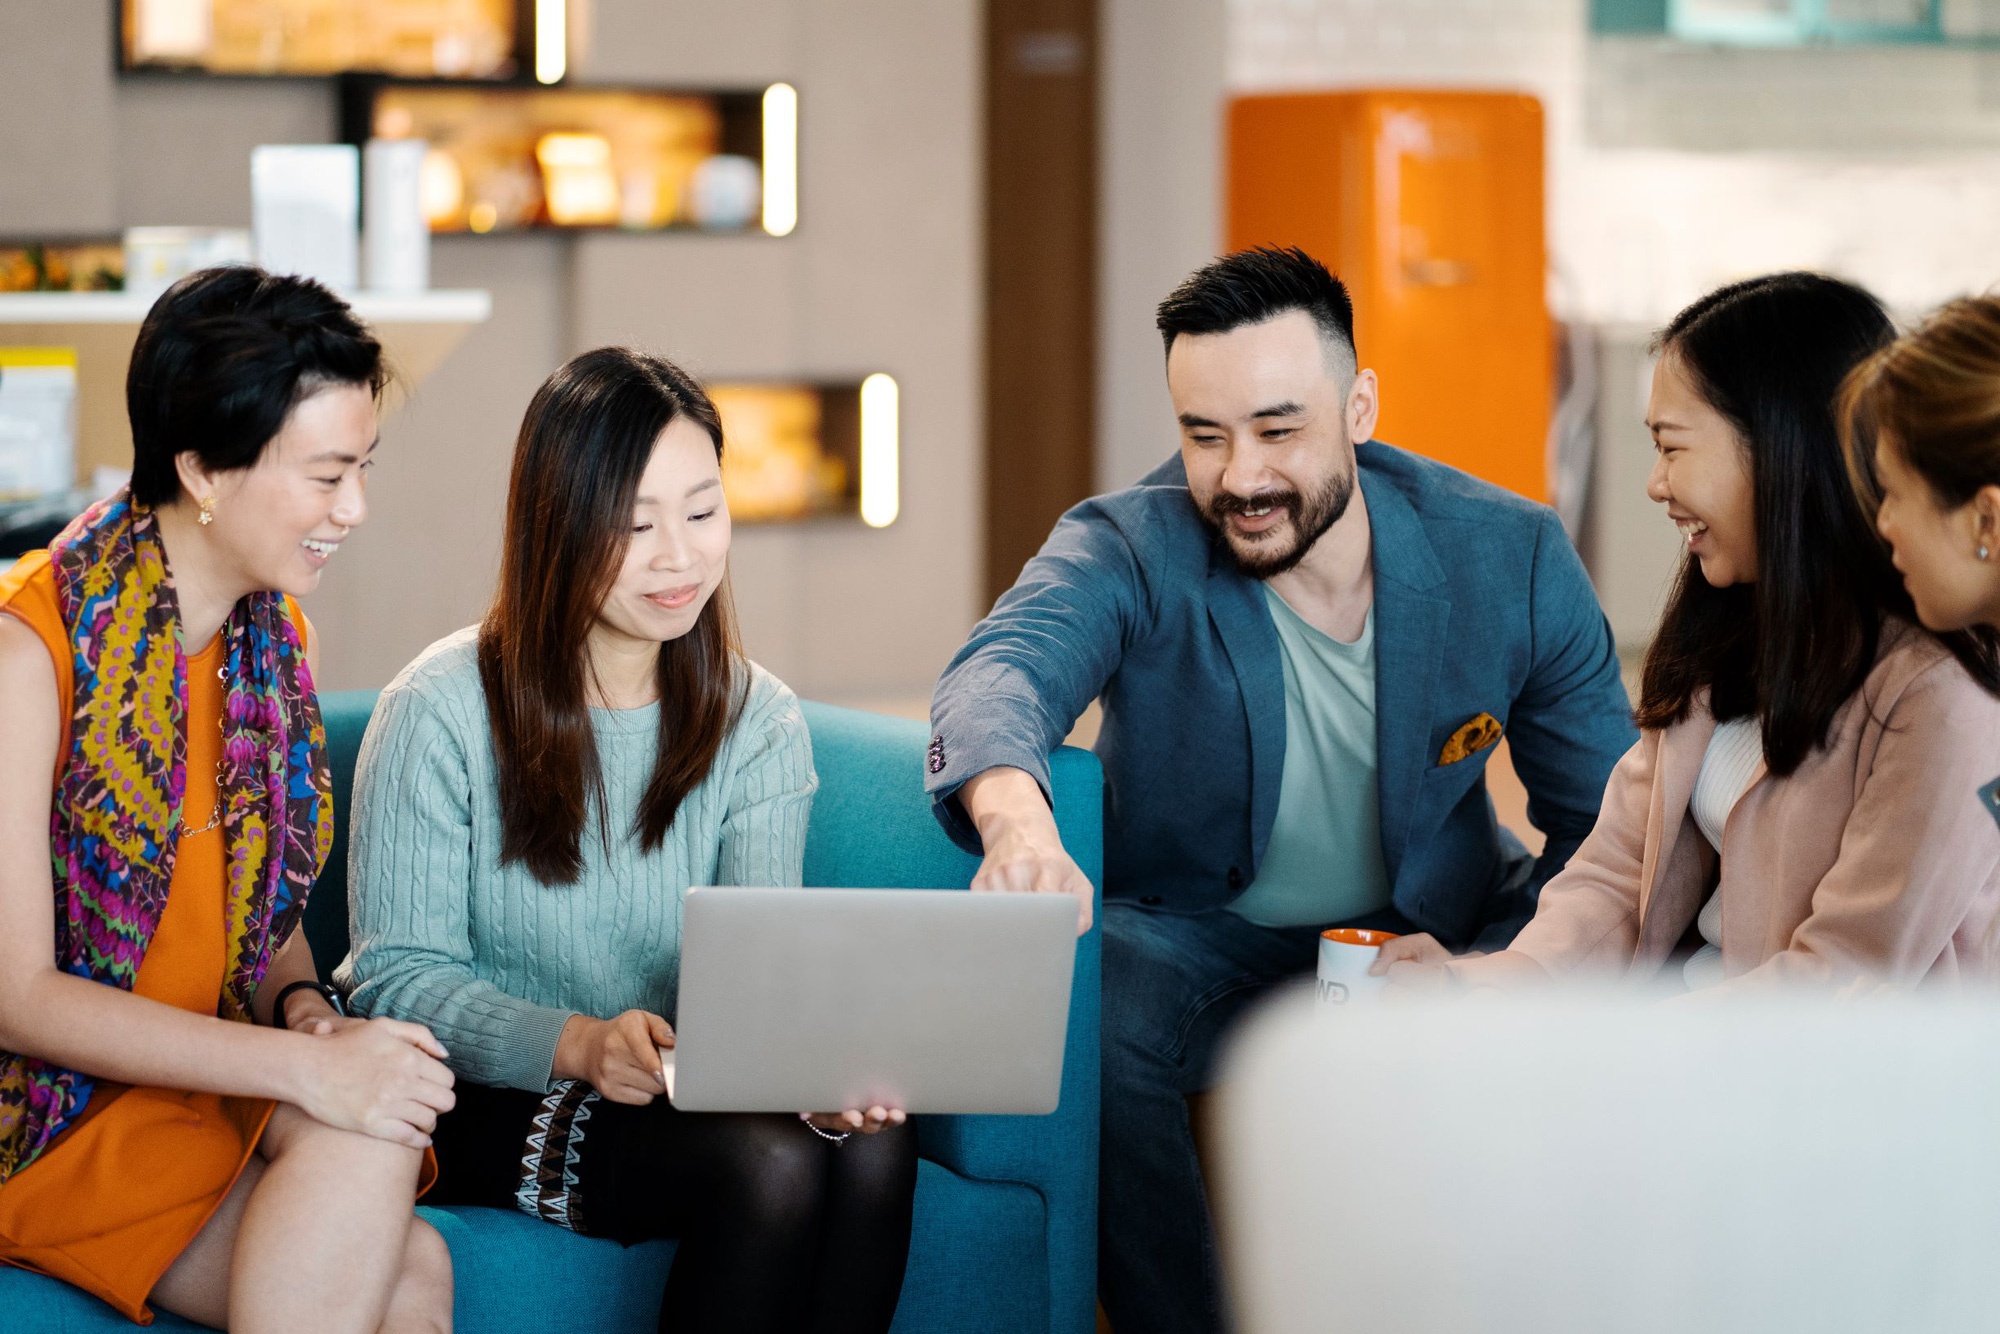 Triển khai ứng dụng công nghệ cao trong hoạt động vận hành, doanh nghiệp bảo hiểm tự tin tăng trưởng trong mùa dịch - Ảnh 5.